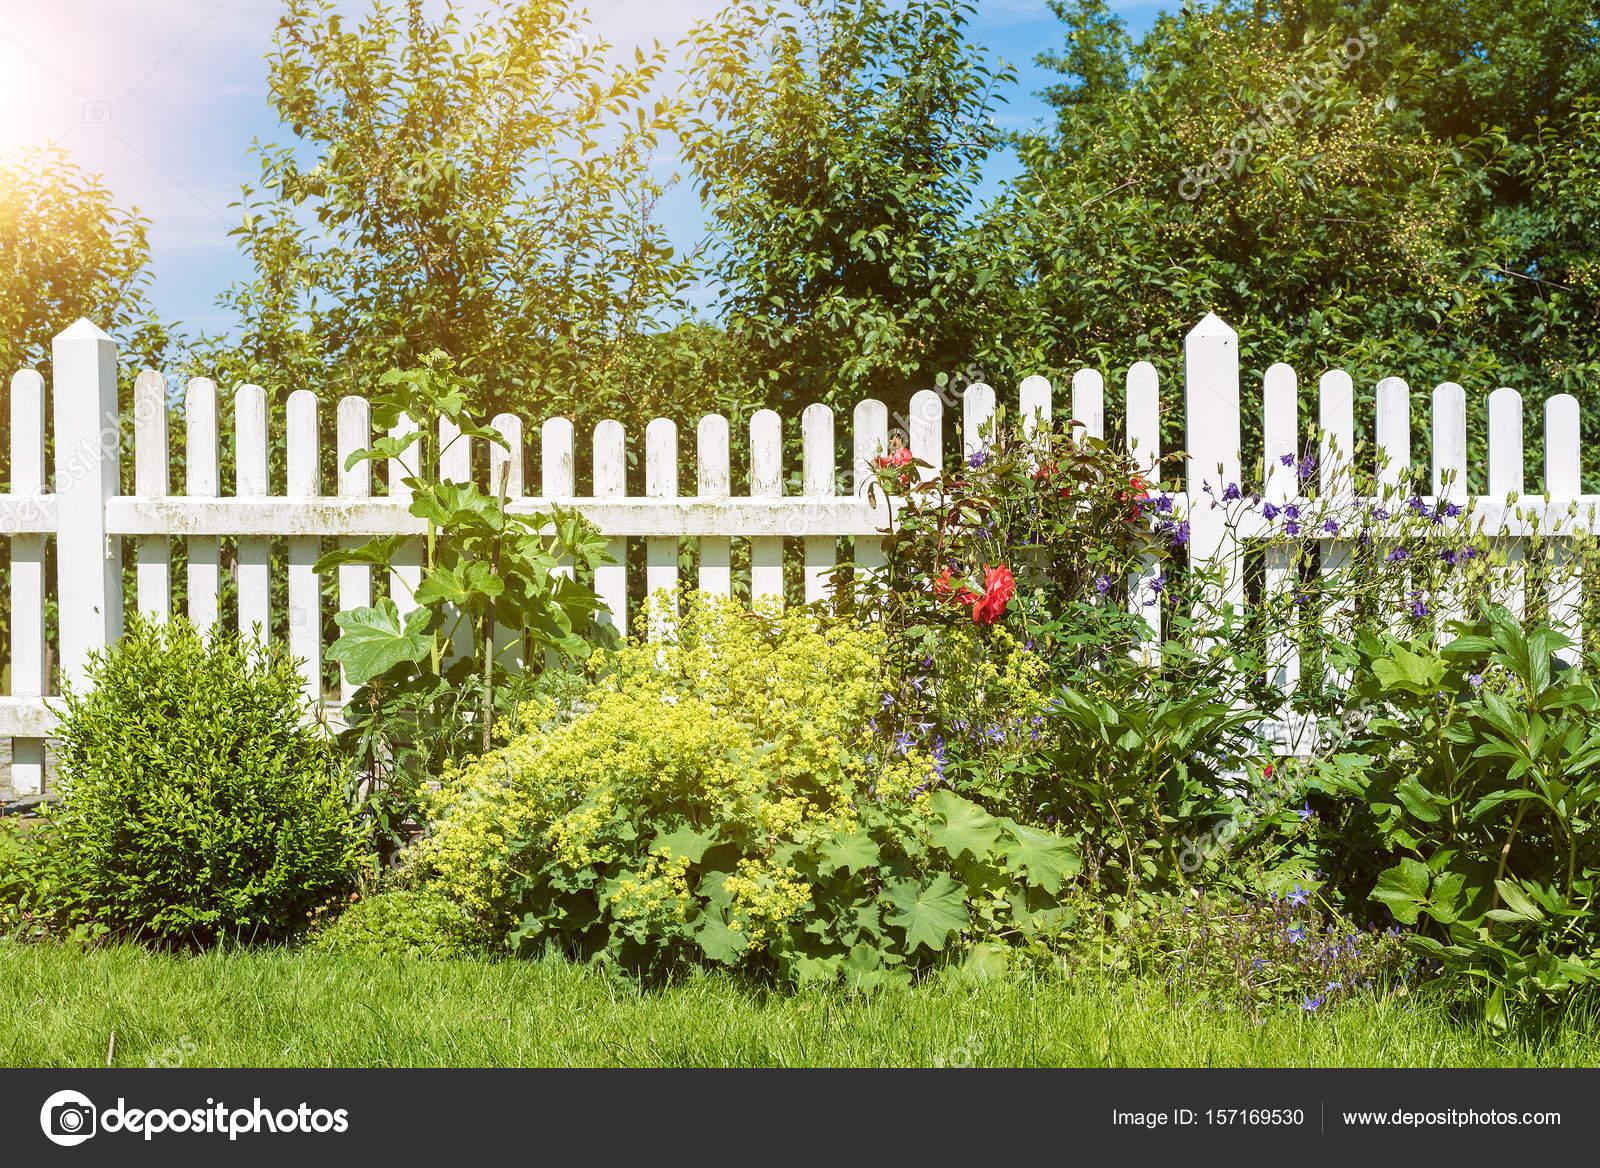 escena de jardn con flores y plantas al frente de la valla de